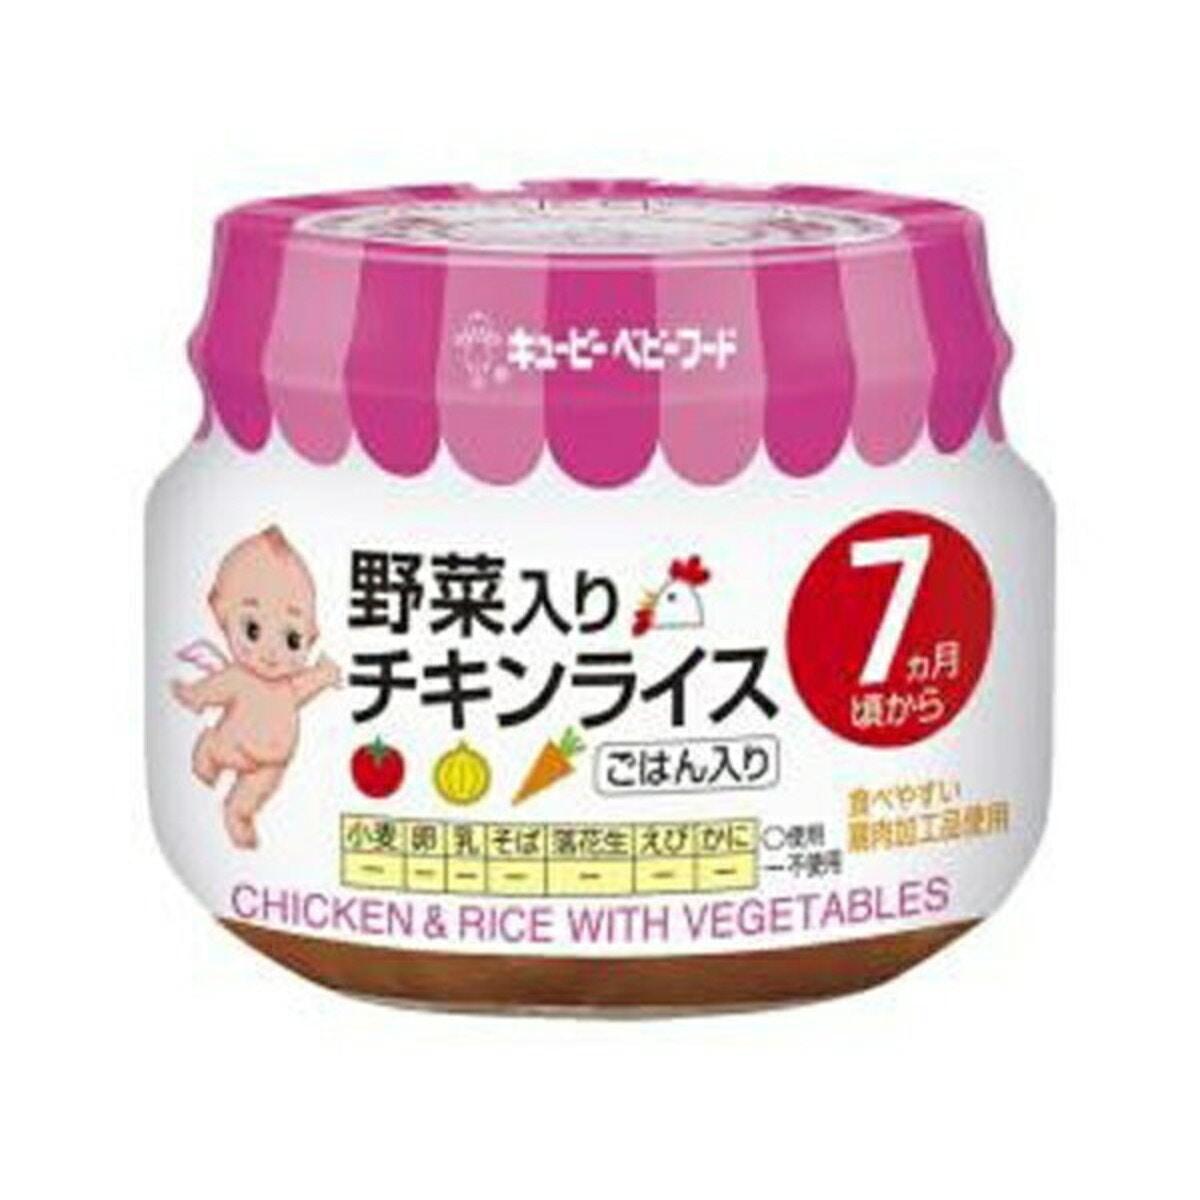 キューピーベビーフード 「野菜入りチキンライス」